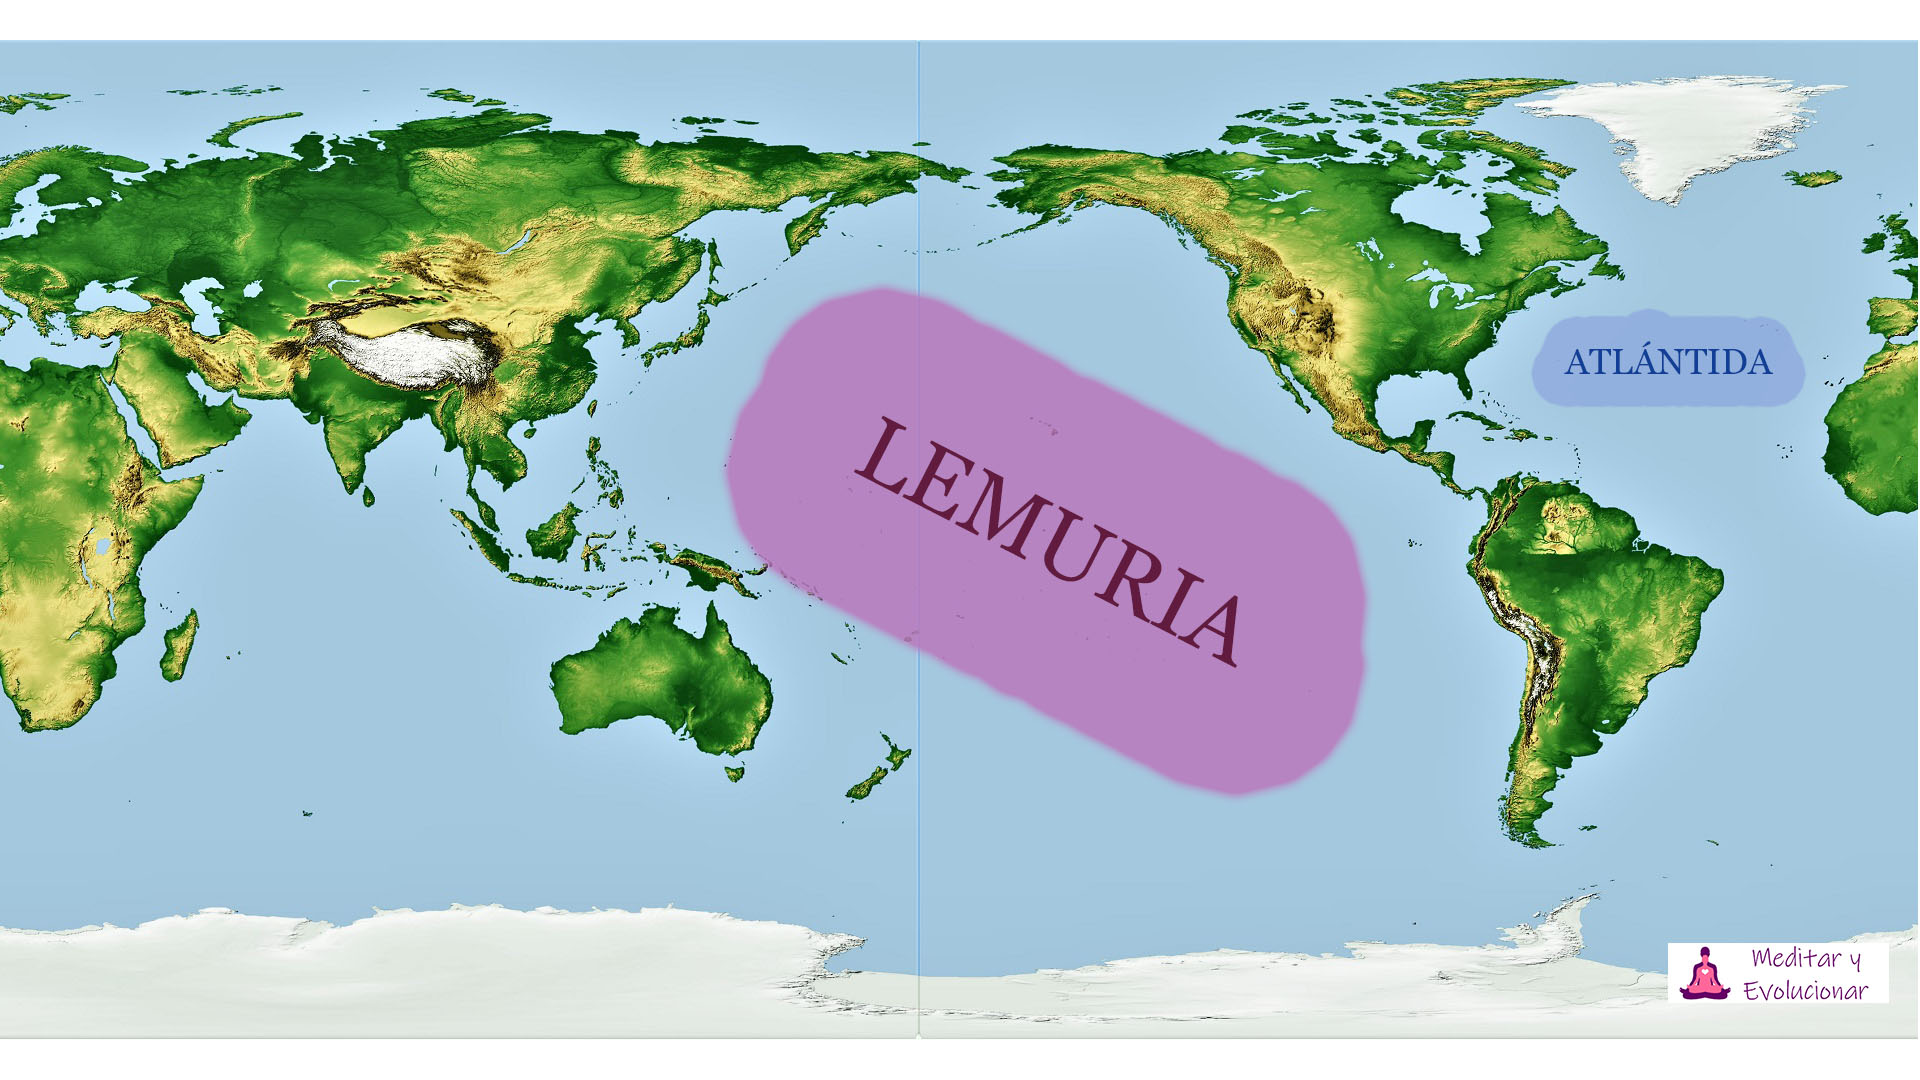 Lemuria y Atlántida civilizaciones perdidas